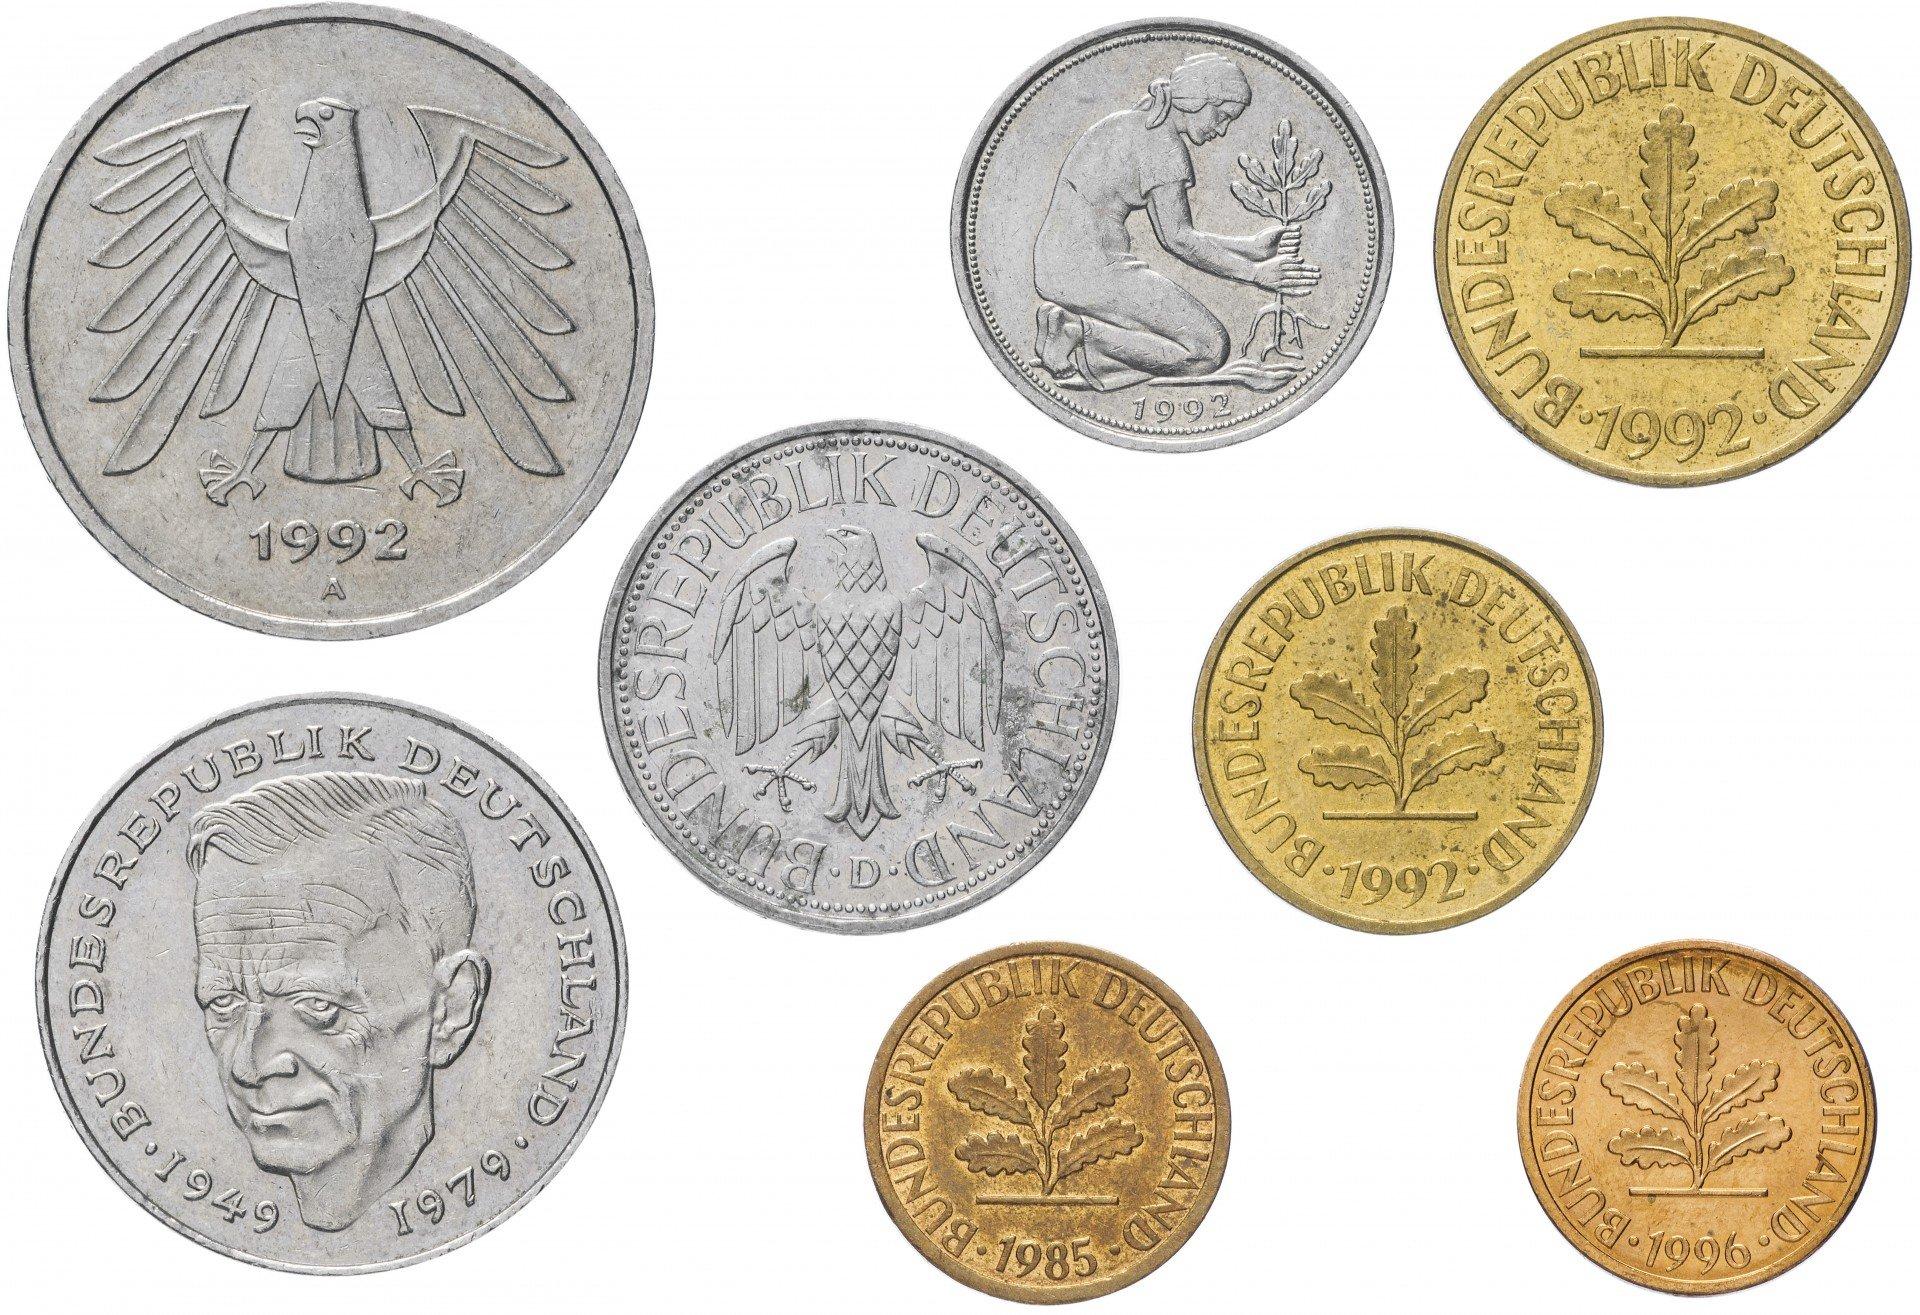 Купить монеты марки фрг монеты россии стоимость каталог 1992